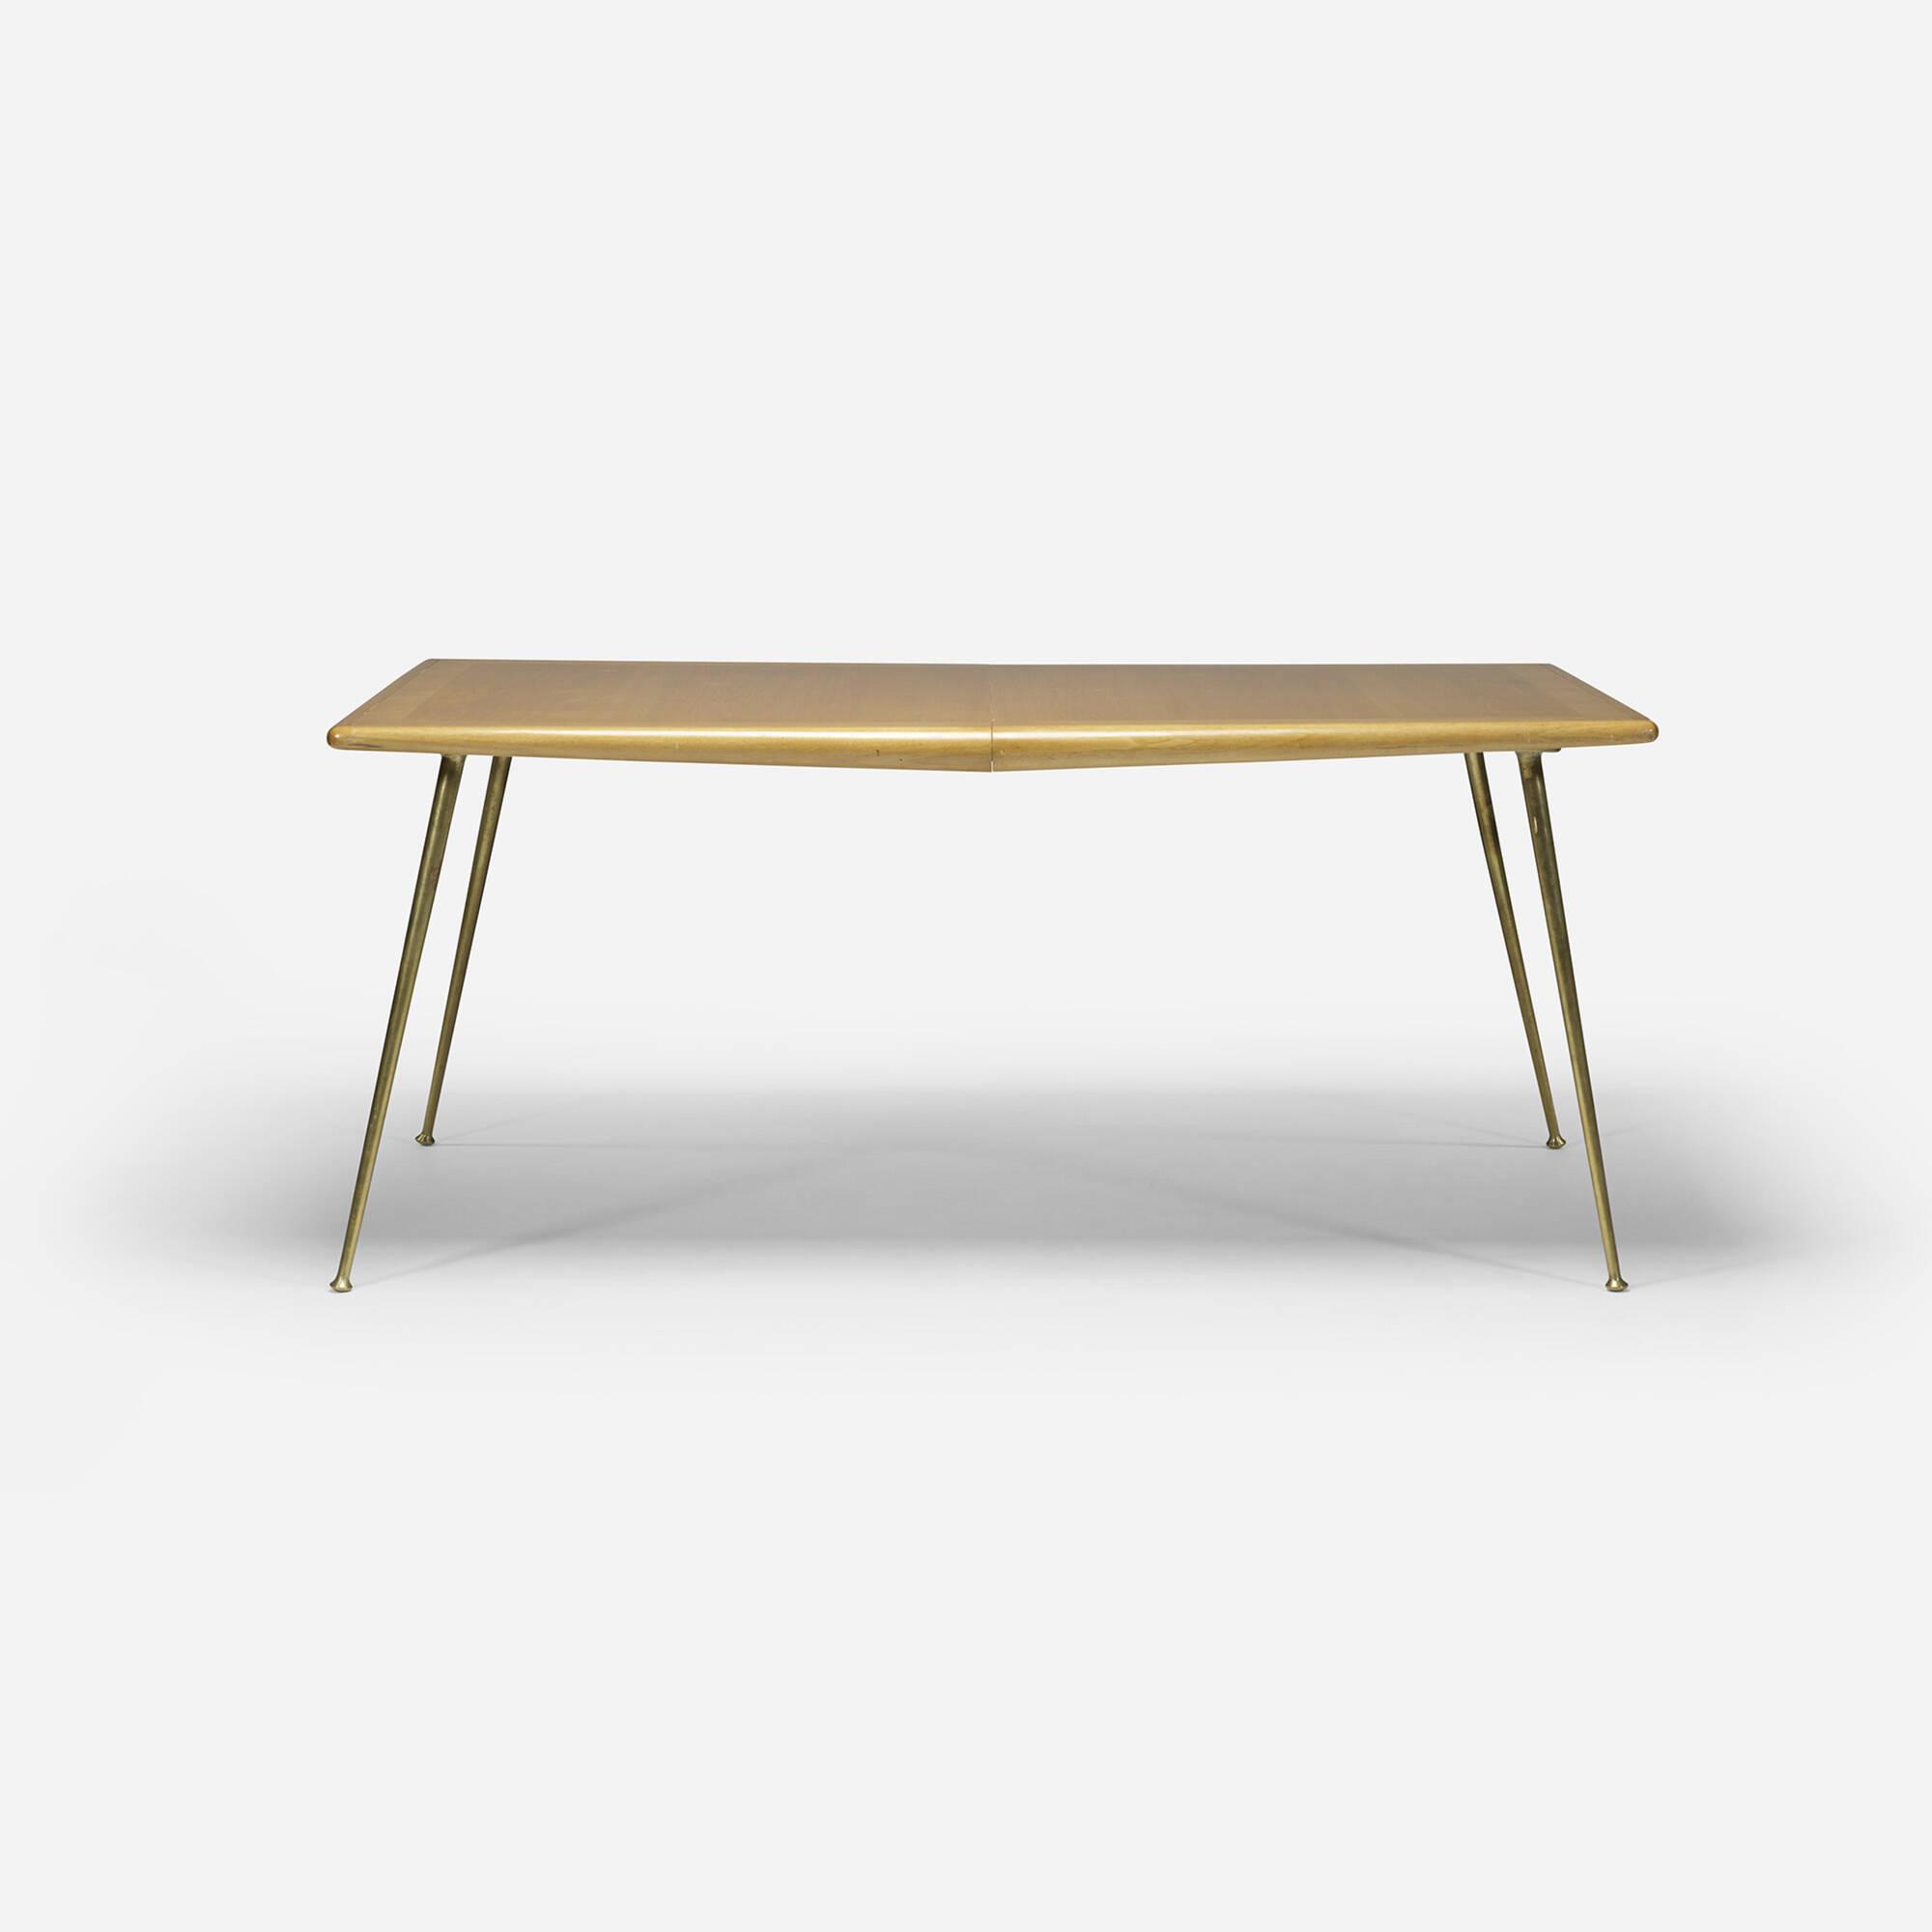 361 t h robsjohn gibbings dining table model 1785 for Tinning table model